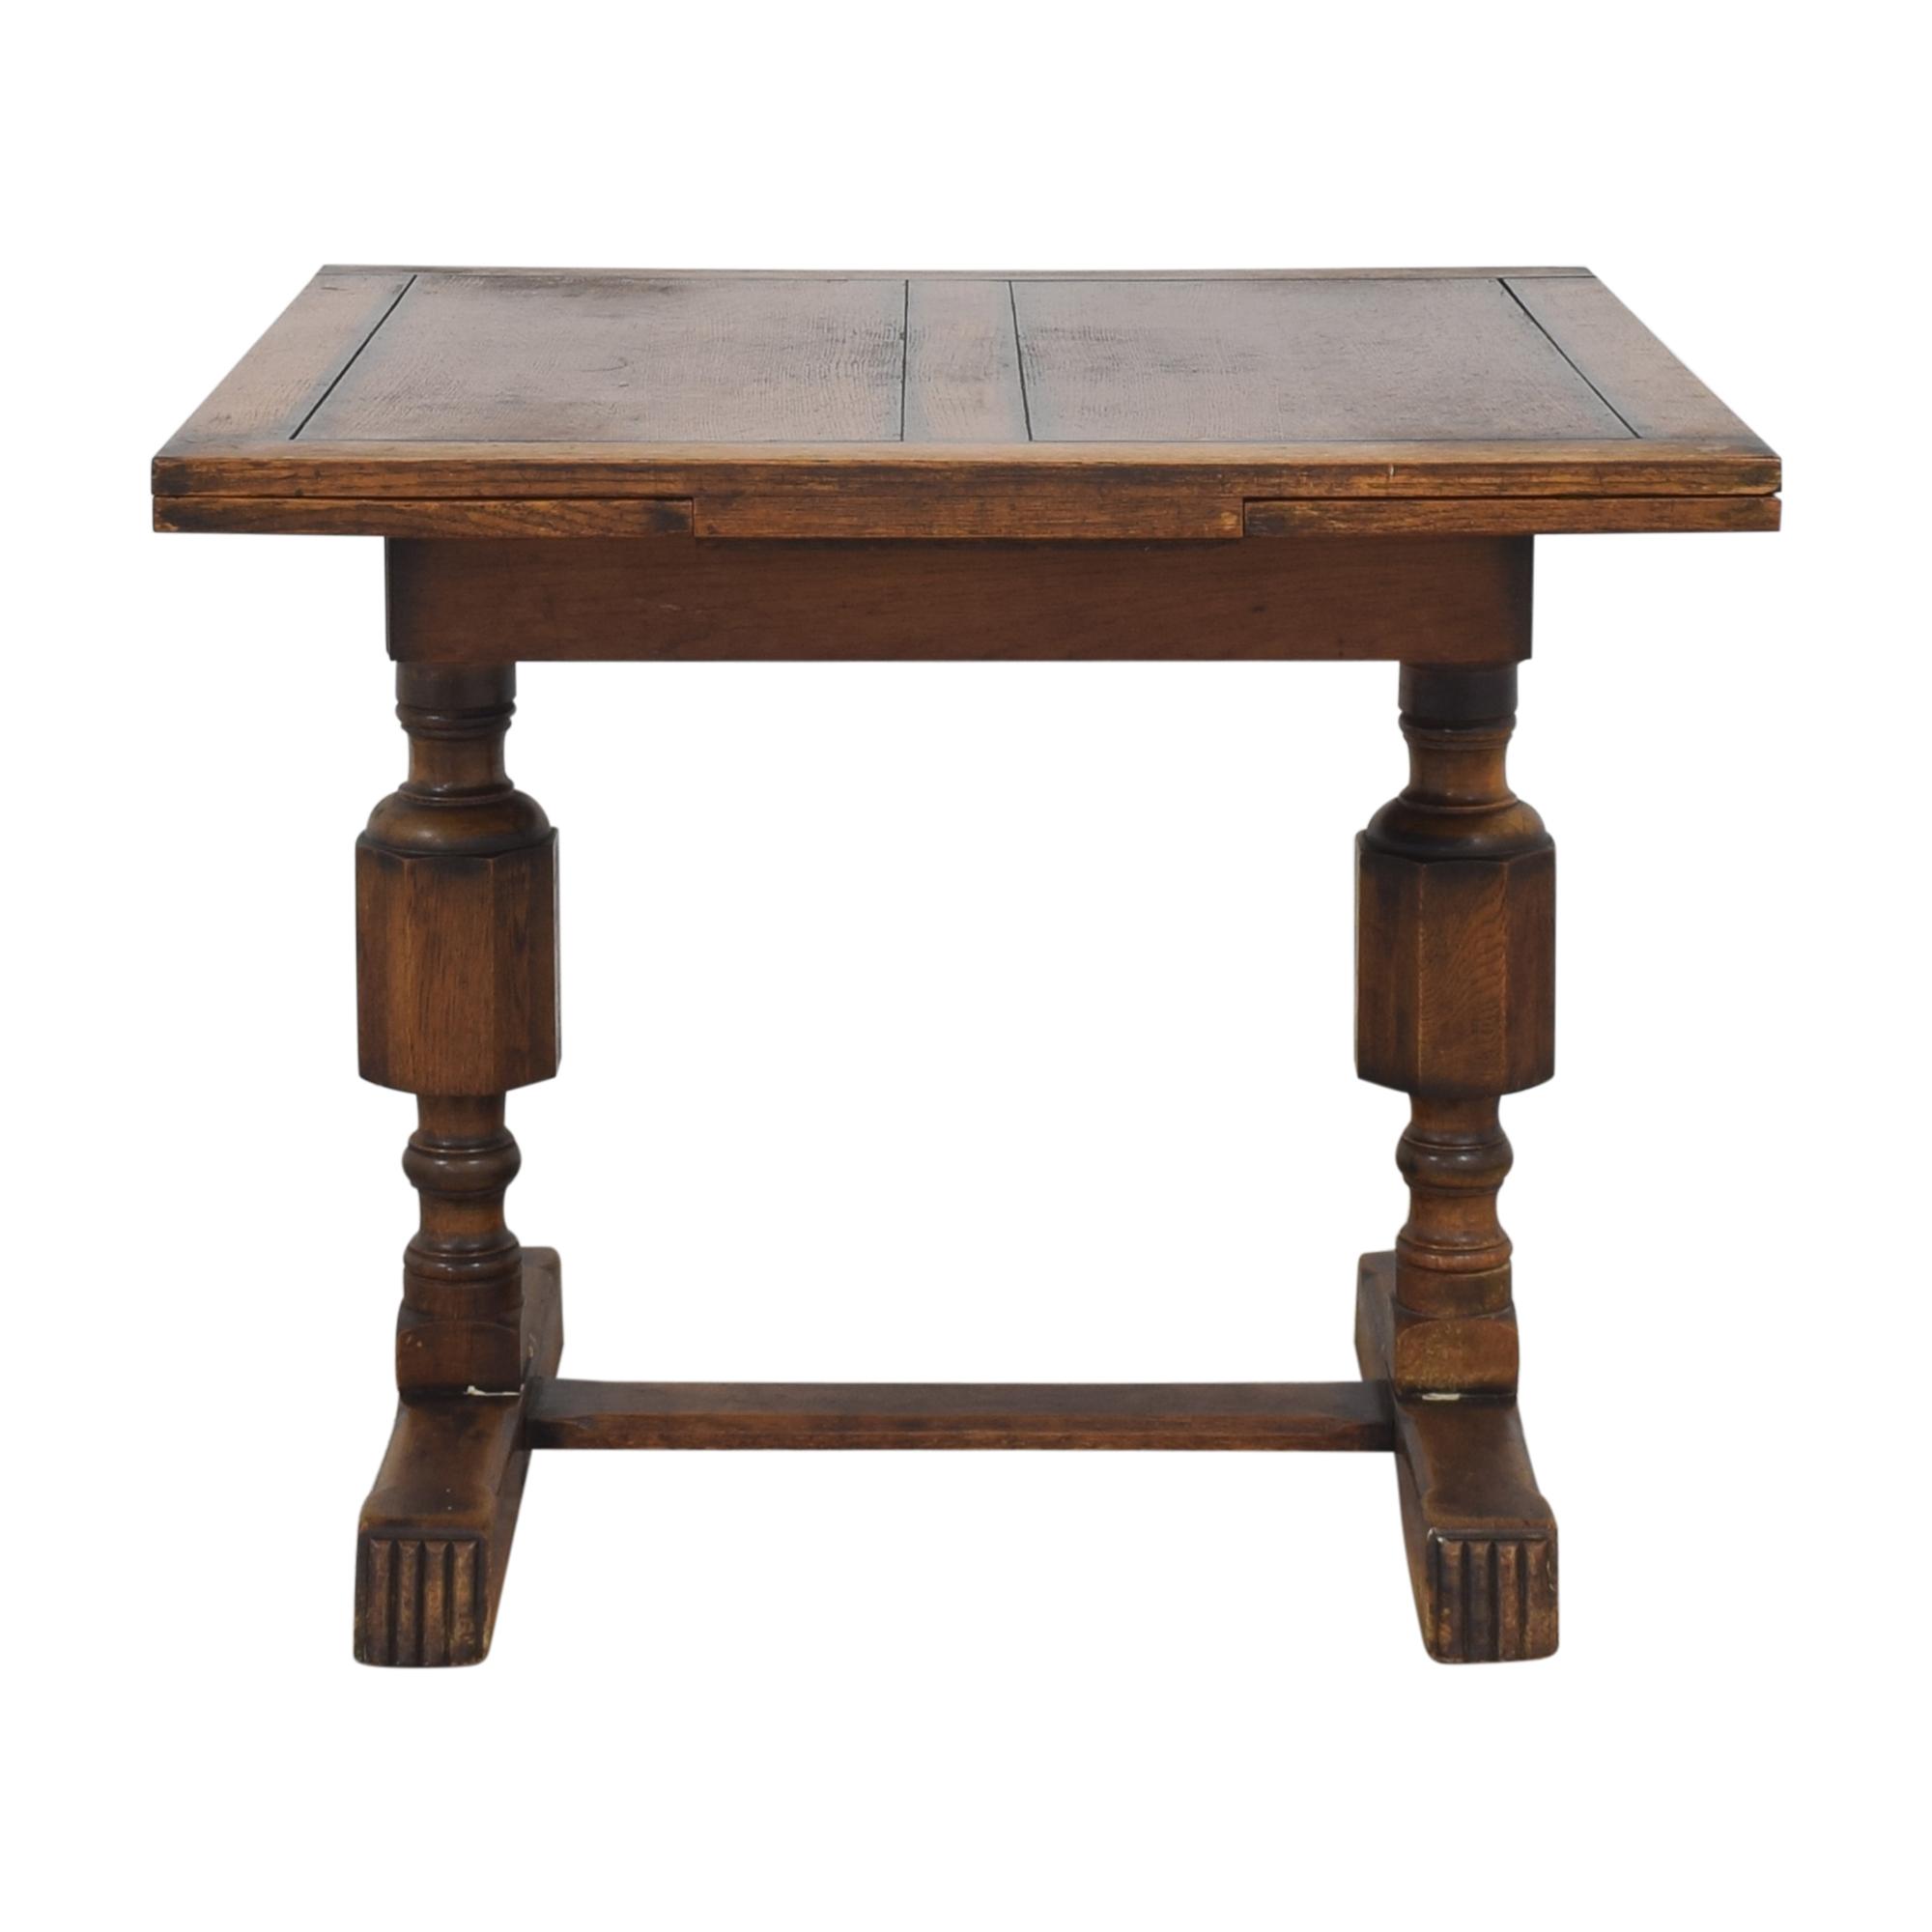 Vintage Extendable Pub Table / Tables